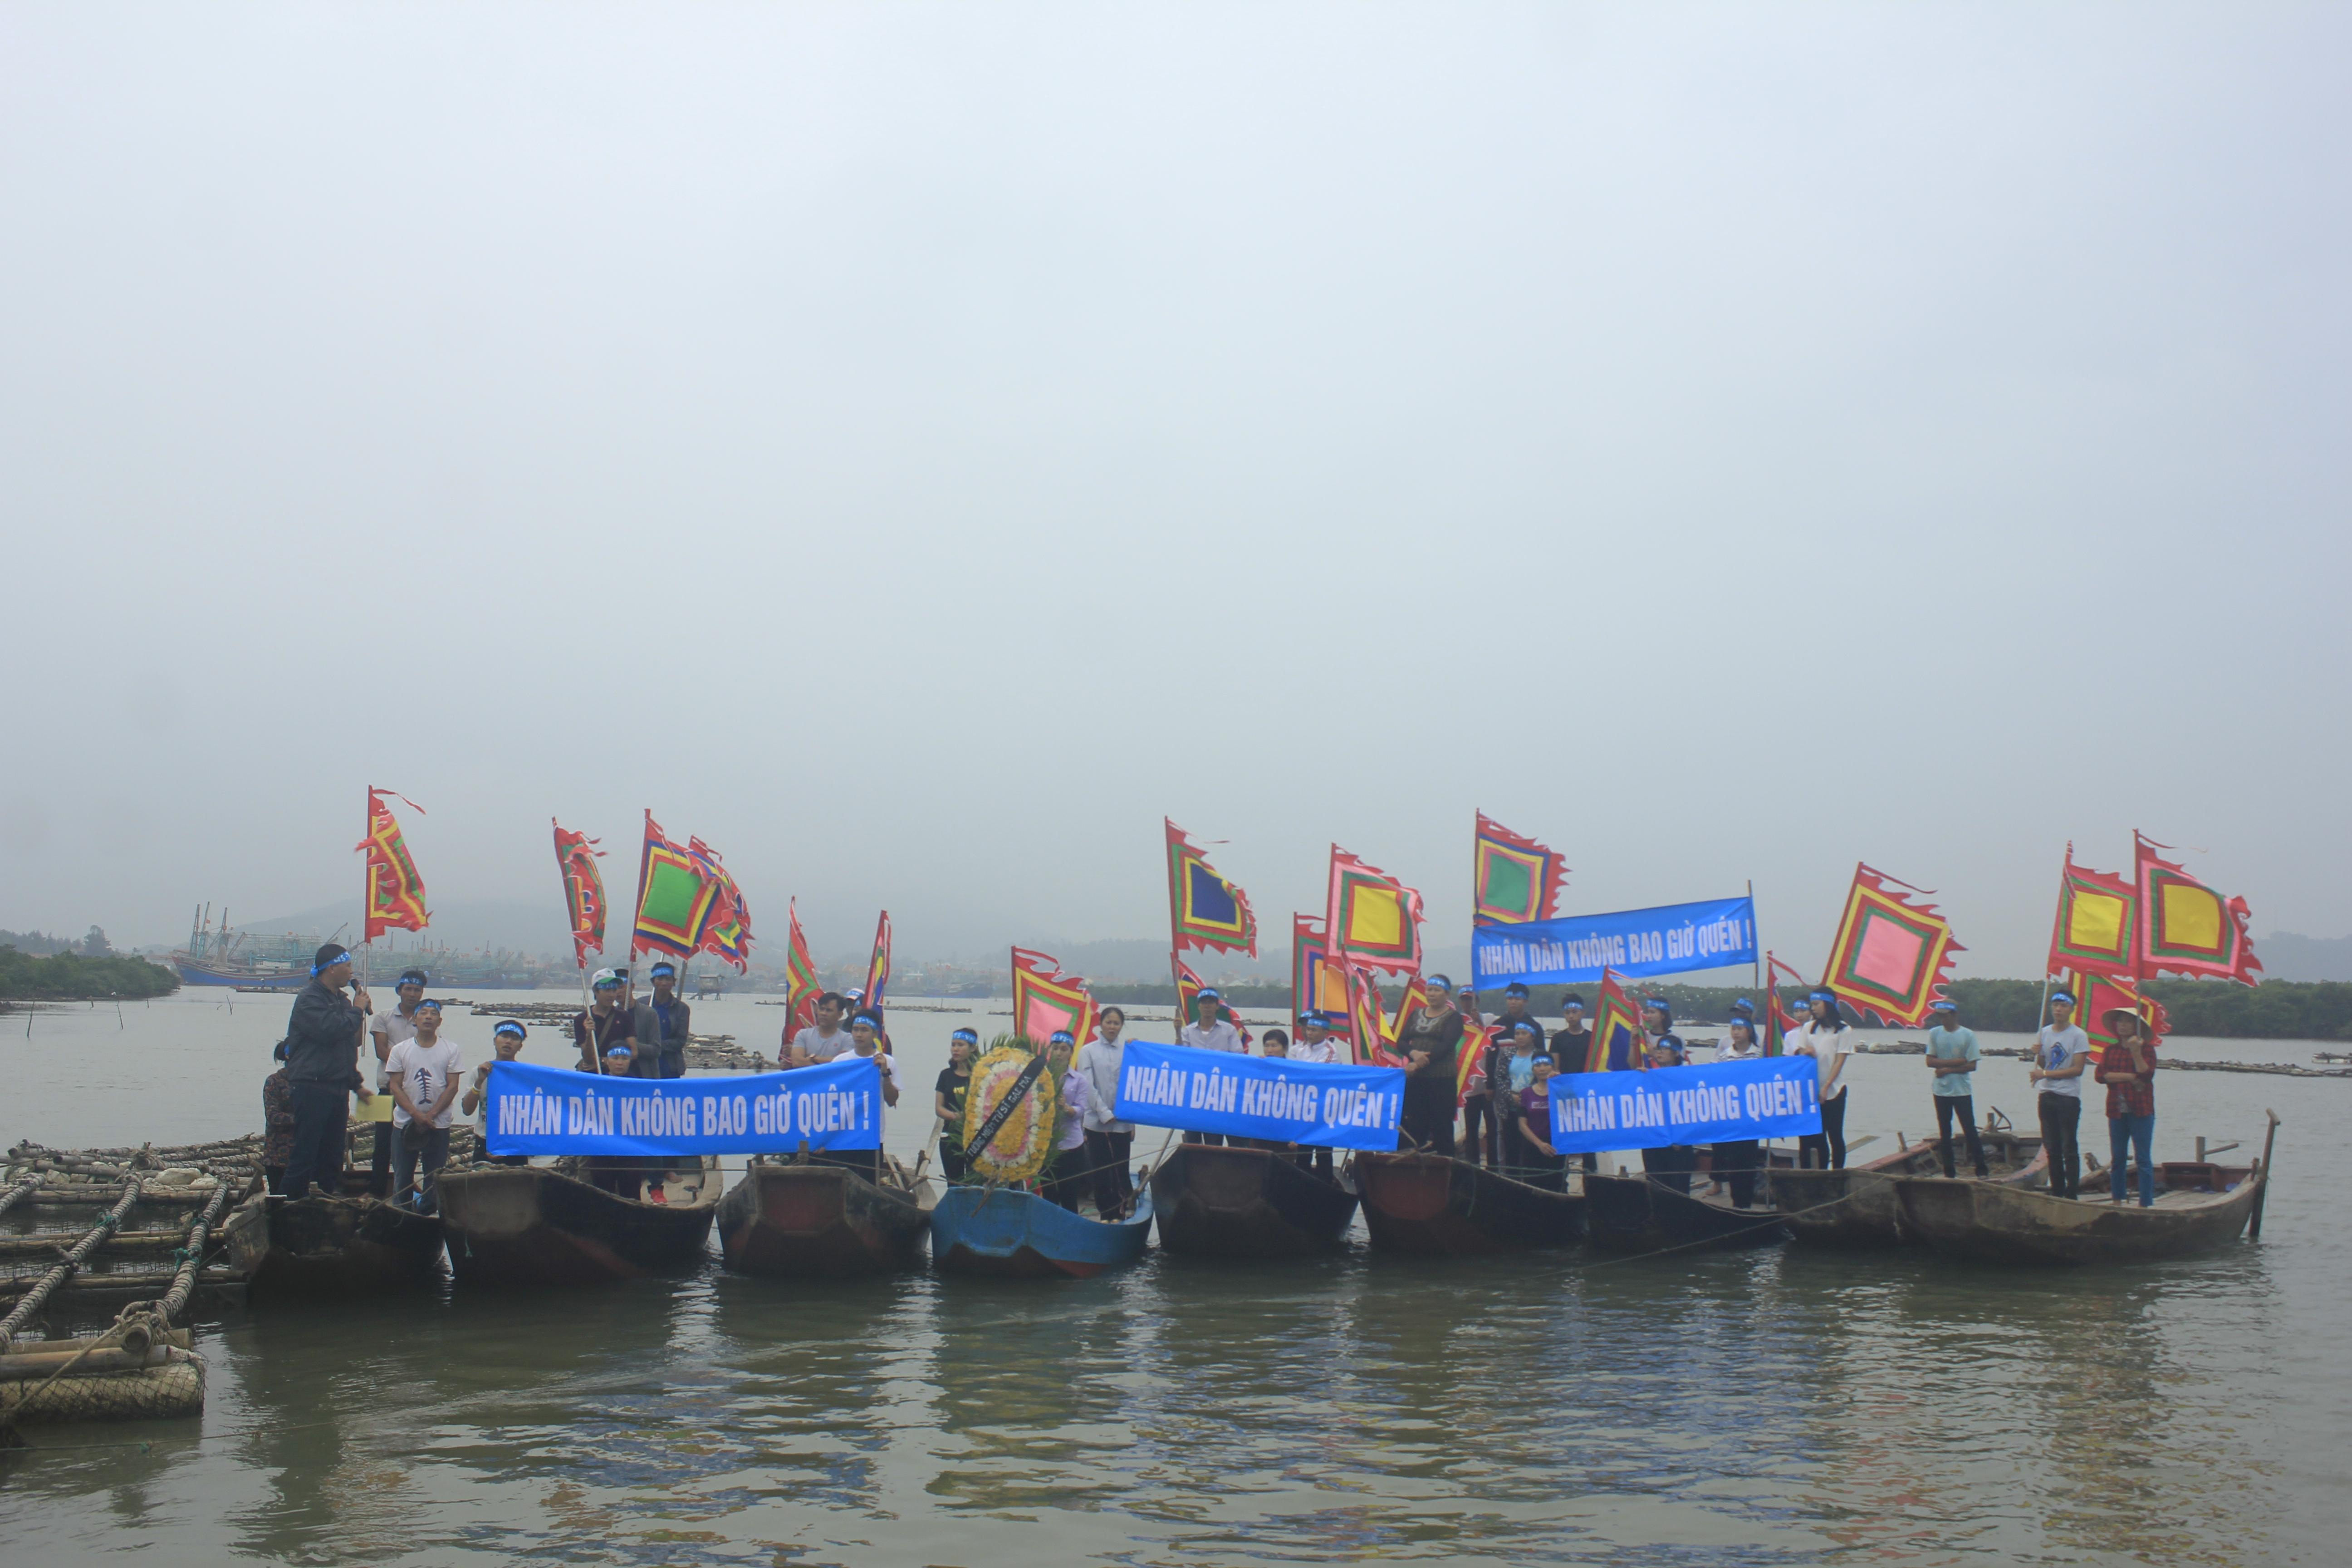 Tưởng niệm 64 tử sĩ Gạc Ma trên thuyền ở Nghệ An